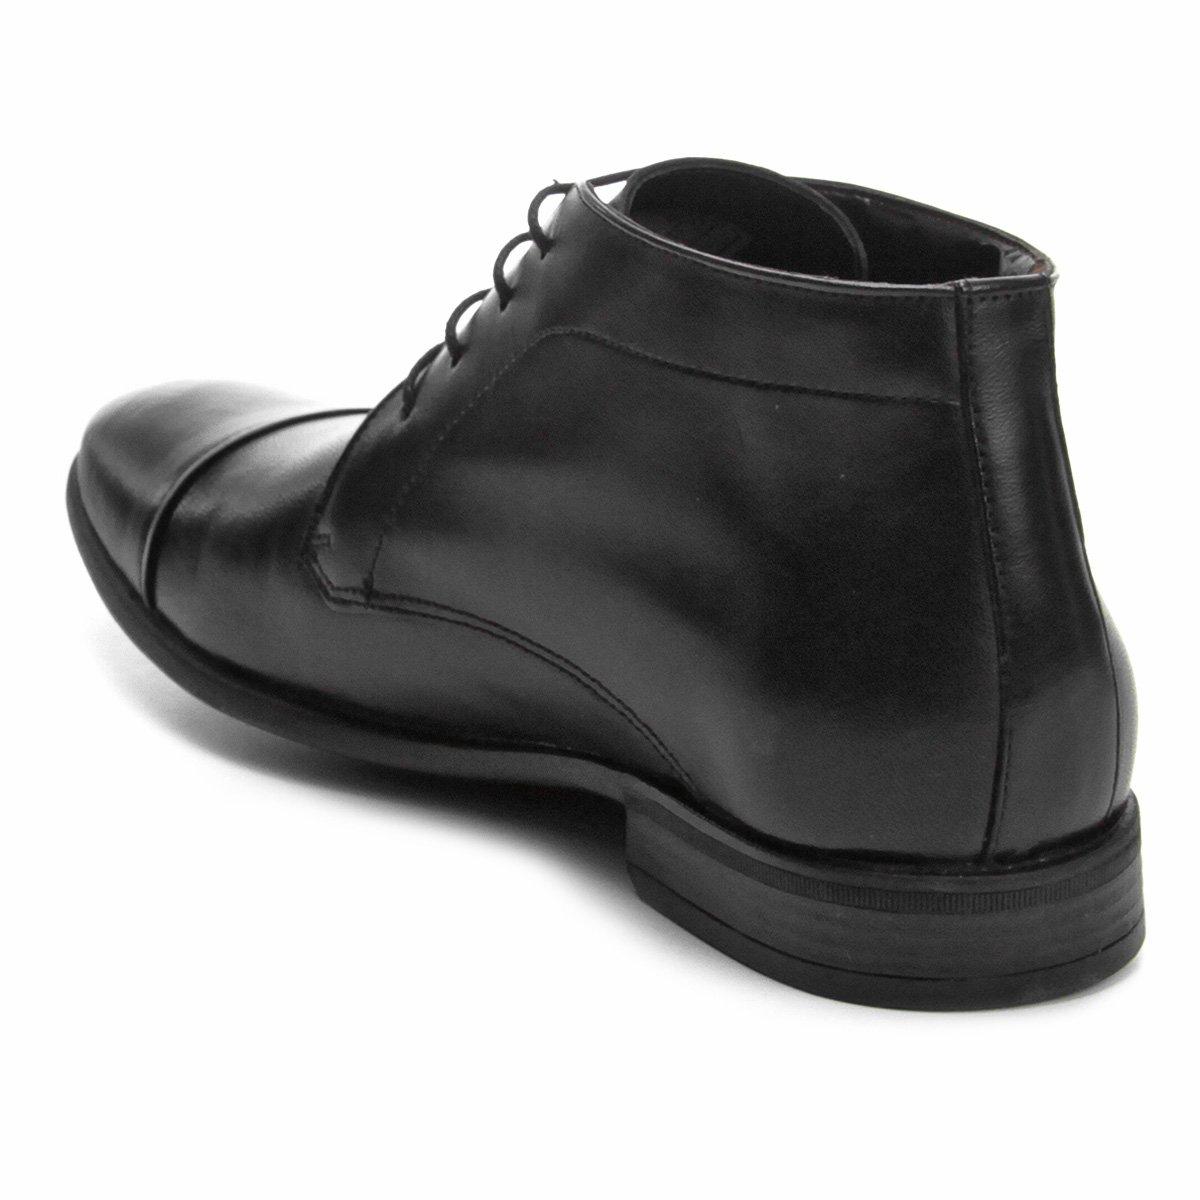 Walkabout Preto Masculino Sapato Walkabout Couro Social Masculino Couro Social Sapato WUq1nRF0w